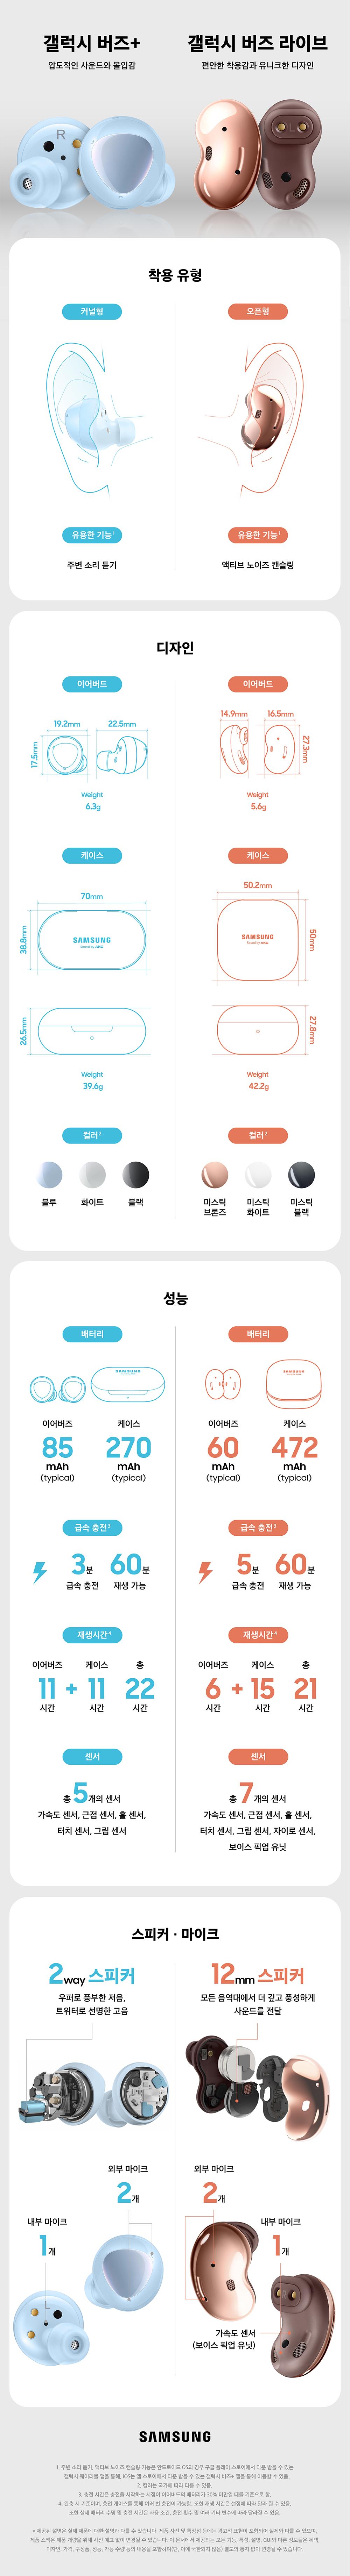 갤럭시 버즈+ 압도적인 사운드와 모입감 갤럭시 버즈 라이브 편안한 착용감과 유니크한 디자인 착용 유형 갤럭시 버즈+ 커널형 / 갤럭시 버즈 라이브 오픈형 유용한 기능(주변 소리 듣기, 액티브 노이즈 캔슬링 기능은 안드로이드 OS의 경우 구글 플레이 스토어에서 다운 받을 수 있는 갤럭시 웨어러블 앱을 통해, iOS는 앱 스토어에서 다운 받을 수 있는 갤럭시 버즈+ 앱을 통해 이용할 수 있음.) 갤럭시 버즈 + 주변 소리 듣기 / 갤럭시 버즈 라이브 액티브 노이즈 캔슬링 디자인 갤럭시 버즈 + 이어버드 가로 19.2mm 세로 17.5mm 전체 가로 22.5mm 무게 6.3g / 갤럭시 버즈 라이브 이어버드 가로 14.9mm 세로 27.3mm 전체 가로 16.5mm 무게 5.6g 케이스 갤럭시 버즈 + 위에서 본 가로 70mm 위에서 본세로 38.8mm 눕혀서 본 세로 26.5mm 무게 39.6g / 갤럭시 버즈 라이브 위에서 본 가로 50.2mm 위에서 본 세로 50mm 눕혀서 본 세로 27.8mm 무게 42.2g 컬러(컬러는 국가에 따라 다를 수 있음.) 갤럭시 버즈 + 블루 화이트 블랙 갤럭시 버즈 라이브 미스틱 브론즈 미스틱 화이트 미스틱 블랙 성능 갤럭시 버즈 + 이어버즈 85mAh(typical) zpdltm 270mAhn(typical) / 갤럭시 버즈 라이브 이어버즈 60mAhn(typical) 케이스 472mAhn(typical) 급속 충전(충전 시간은 충전을 시작하는 시점이 이어버드의 배터리가 30% 미만일 때를 기준으로 함.) 갤럭시 버즈 + 3분 급속 충전 60분 재생 가능 / 갤럭시 버즈 라이브 5분 급속 충전 60분 재생 가능 재생시간(완충 시 기준이며, 충전 케이스를 통해 여러 번 충전이 가능함. 또한 재생 시간은 설정에 따라 달라질 수 있음. 또한 실제 배터리 수명 및 충전 시간은 사용 조건, 충전 회수 및 여러 기타 변수에 따라 달라질 수 있음.) 갤럭시 버즈 + 이어버즈 11시간 + 케이스 11시간 총 22시간 / 갤럭시 버즈 라이브 이어버즈 6시간 + 케이스 15시간 총 21시간 센서 갤럭시 버즈 + 총 5개의 센서 가속도 센서, 근접 센서, 홀 센서, 터치 센서, 그립 센서 / 갤럭시 버즈 라이브 총 7개의 센서 가속도 센서, 근접 센서, 홀 센서, 터치 센서, 그립 센서, 자이로 센서, 보이스 픽업 유닛 스피커·마이크 갤럭시 버즈 + 2way 스피커 우퍼로 풍부한 저음, 트위터로 선명한 고음 외부 마이크 2개 내부 마이크 1개 / 갤럭시 버즈 라이브 12mm 스피커 모든 음역대에서 더 깊고 풍성하게 사운드를 전달 외부 마이크 2개 내부 마이크 1개 가속도 센서(보이스 픽업 유닛) SAMSUNG *제공된 설명은 실제 제품에 대한 설명과 다를 수 있습니다. 제품 사진 및 특장점 등에는 광고적 표현이 포함되어 실제와 다를 수 있으며, 제품 스펙은 제품 개량을 위해 사전 예고 없이 변경될 수 있습니다. 이 문서에서 제공되는 모든 기능, 특성, 설명, GUI와 다른 정보들은 혜택, 디자인, 가격 구성품, 성능 가능 수량 등의 내용을 포함하며(단, 이에 국한되지 않음) 별도의 통지 없이 변경될 수 있습니다.